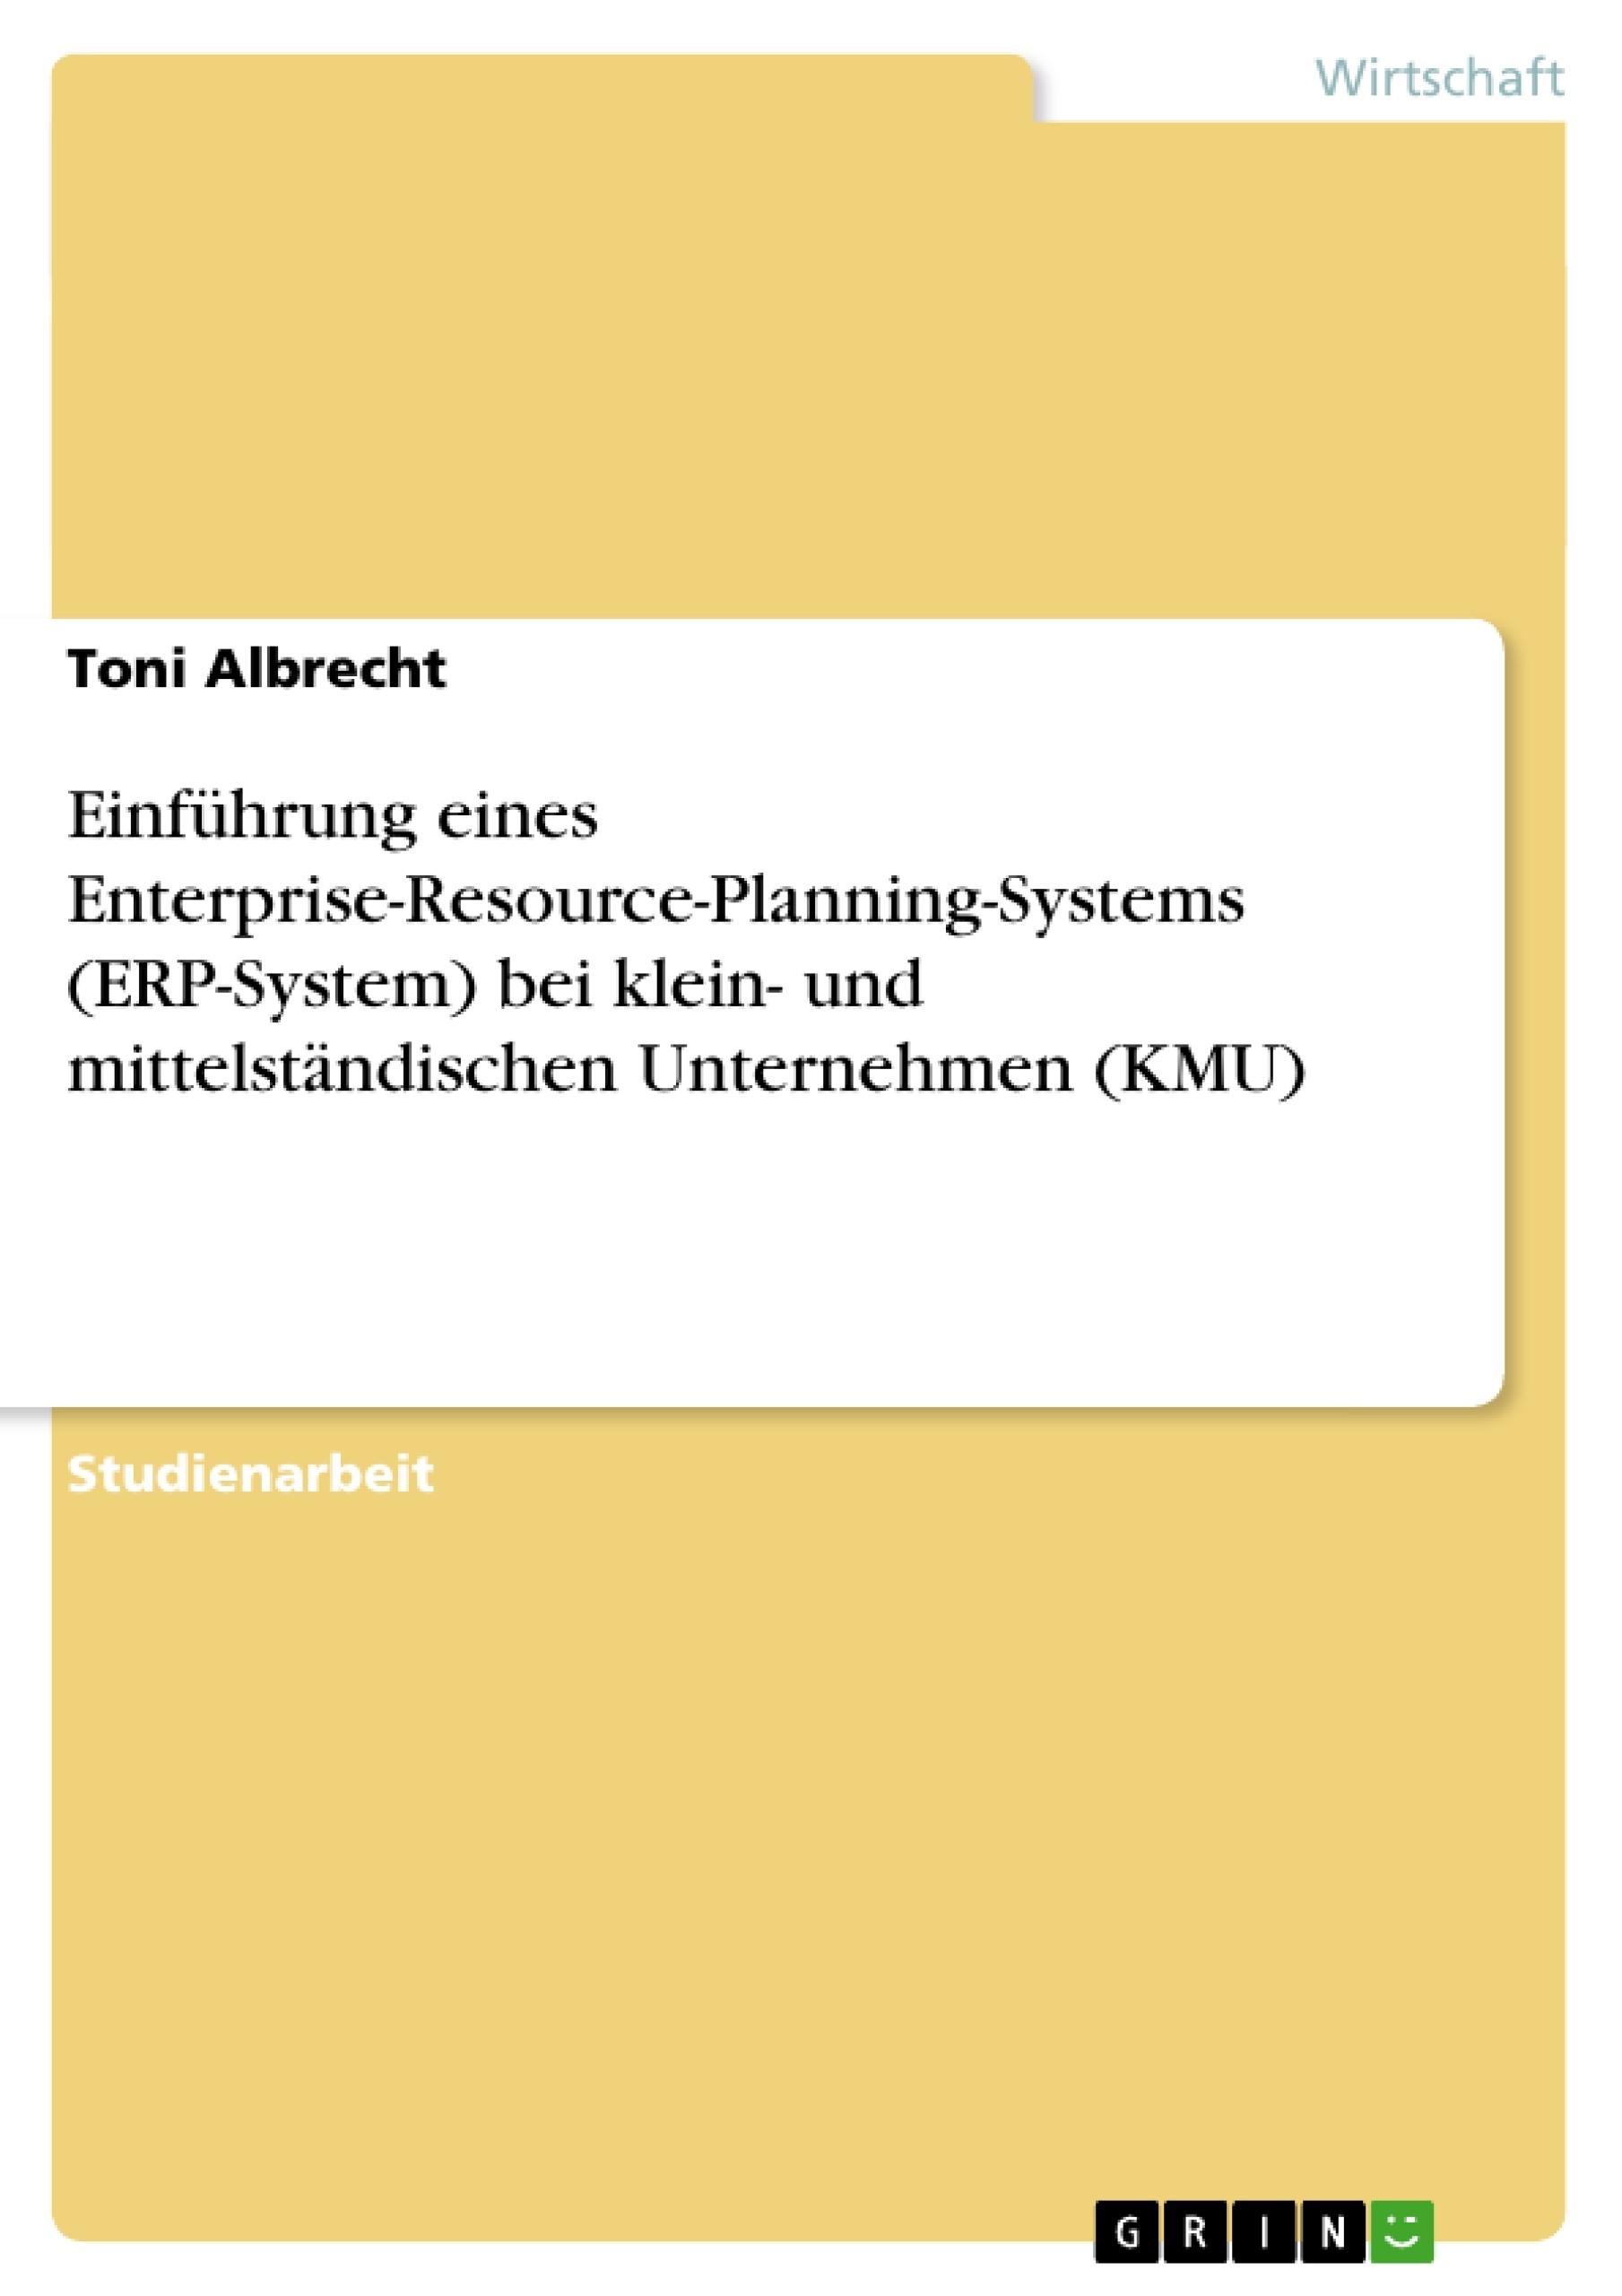 Titel: Einführung eines Enterprise-Resource-Planning-Systems (ERP-System) bei klein- und mittelständischen Unternehmen (KMU)